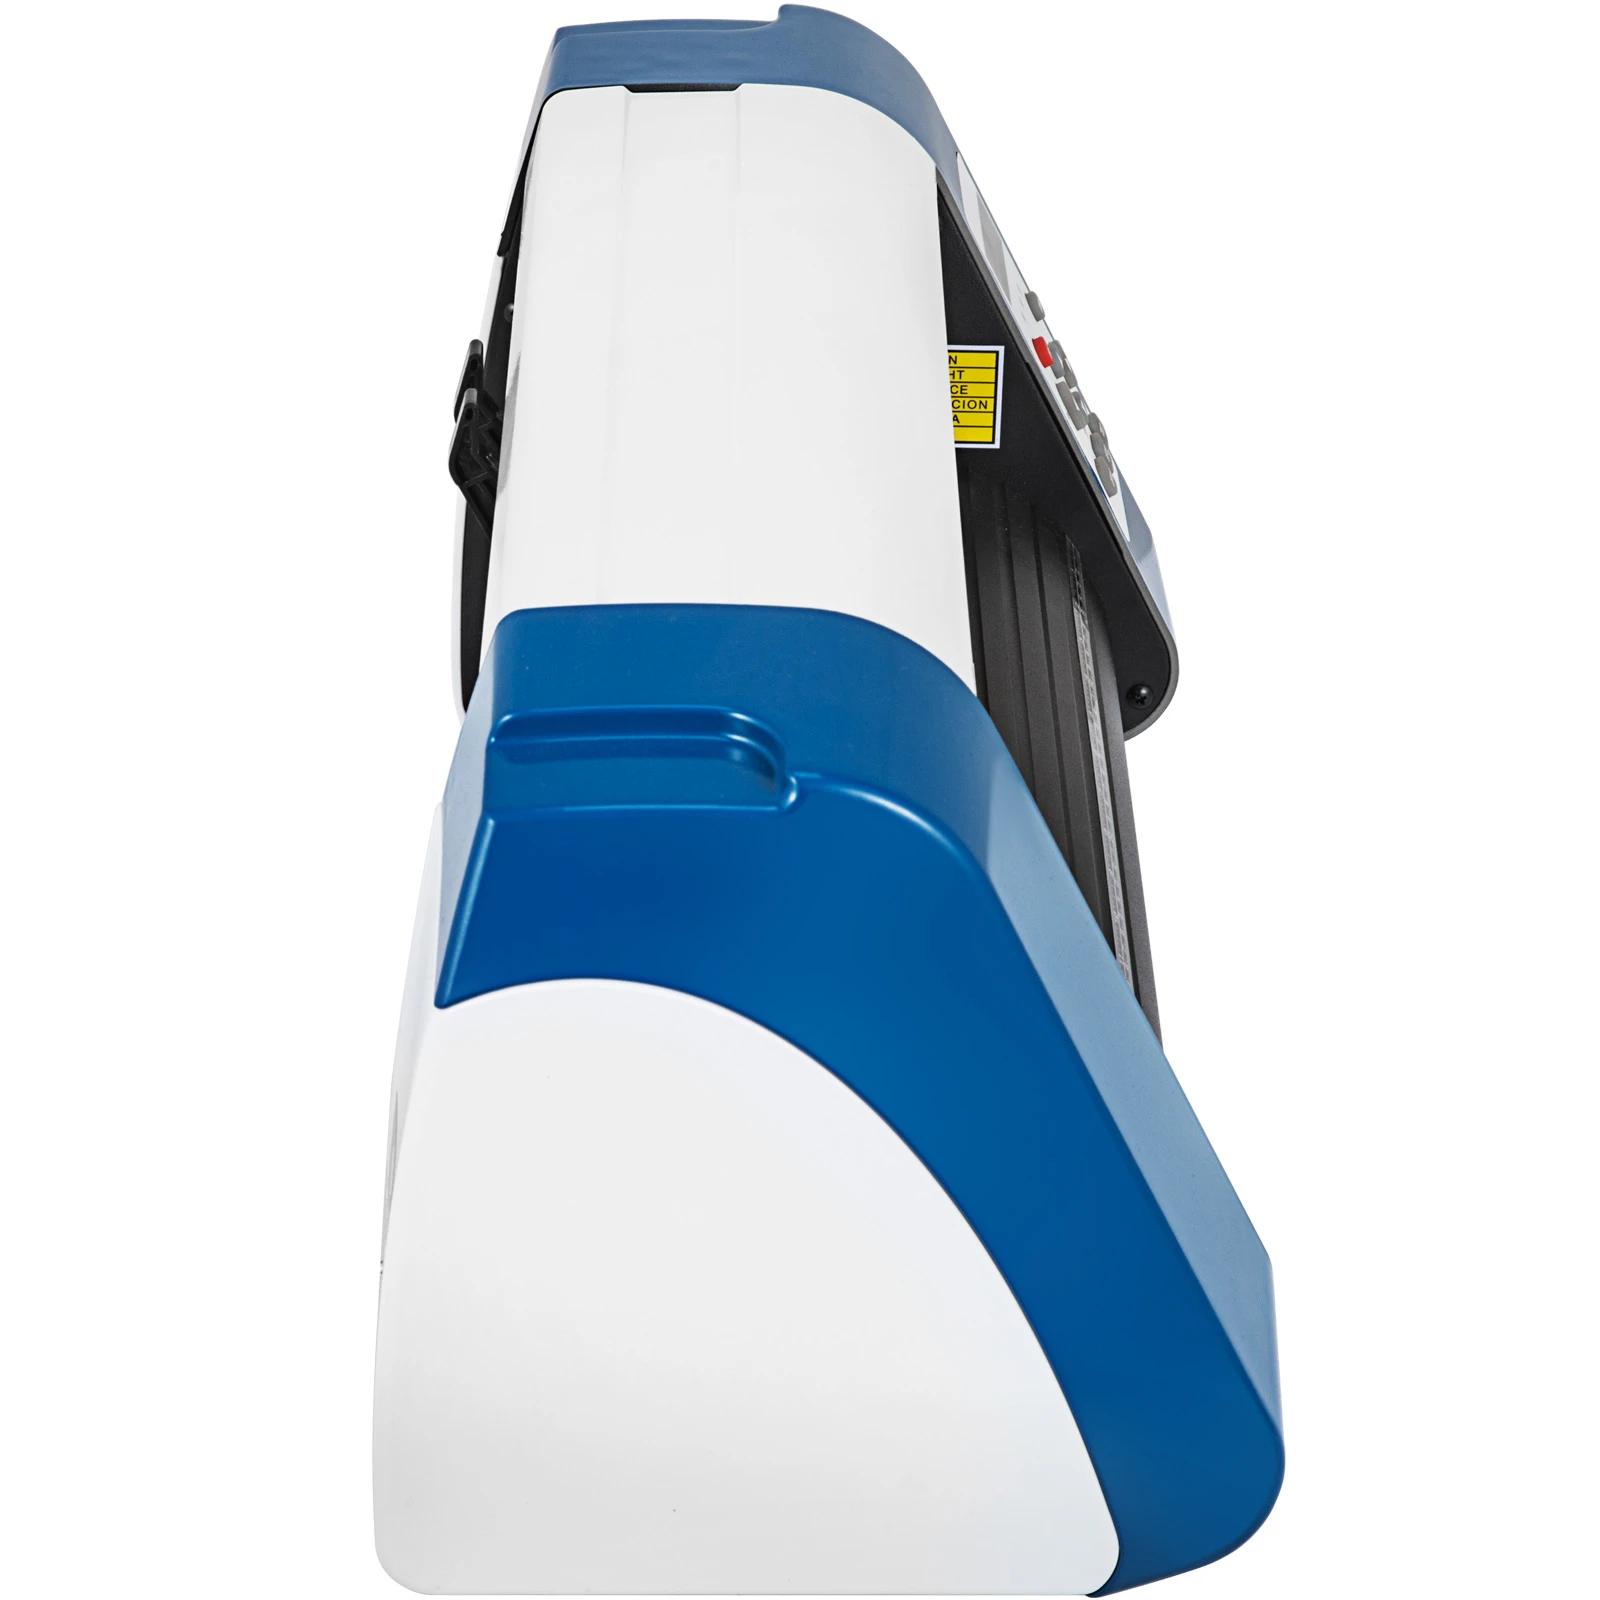 Мини маленький настольный Авто контурная камера оптический стикер резка виниловый резак графа режущий плоттер де корте резак машина